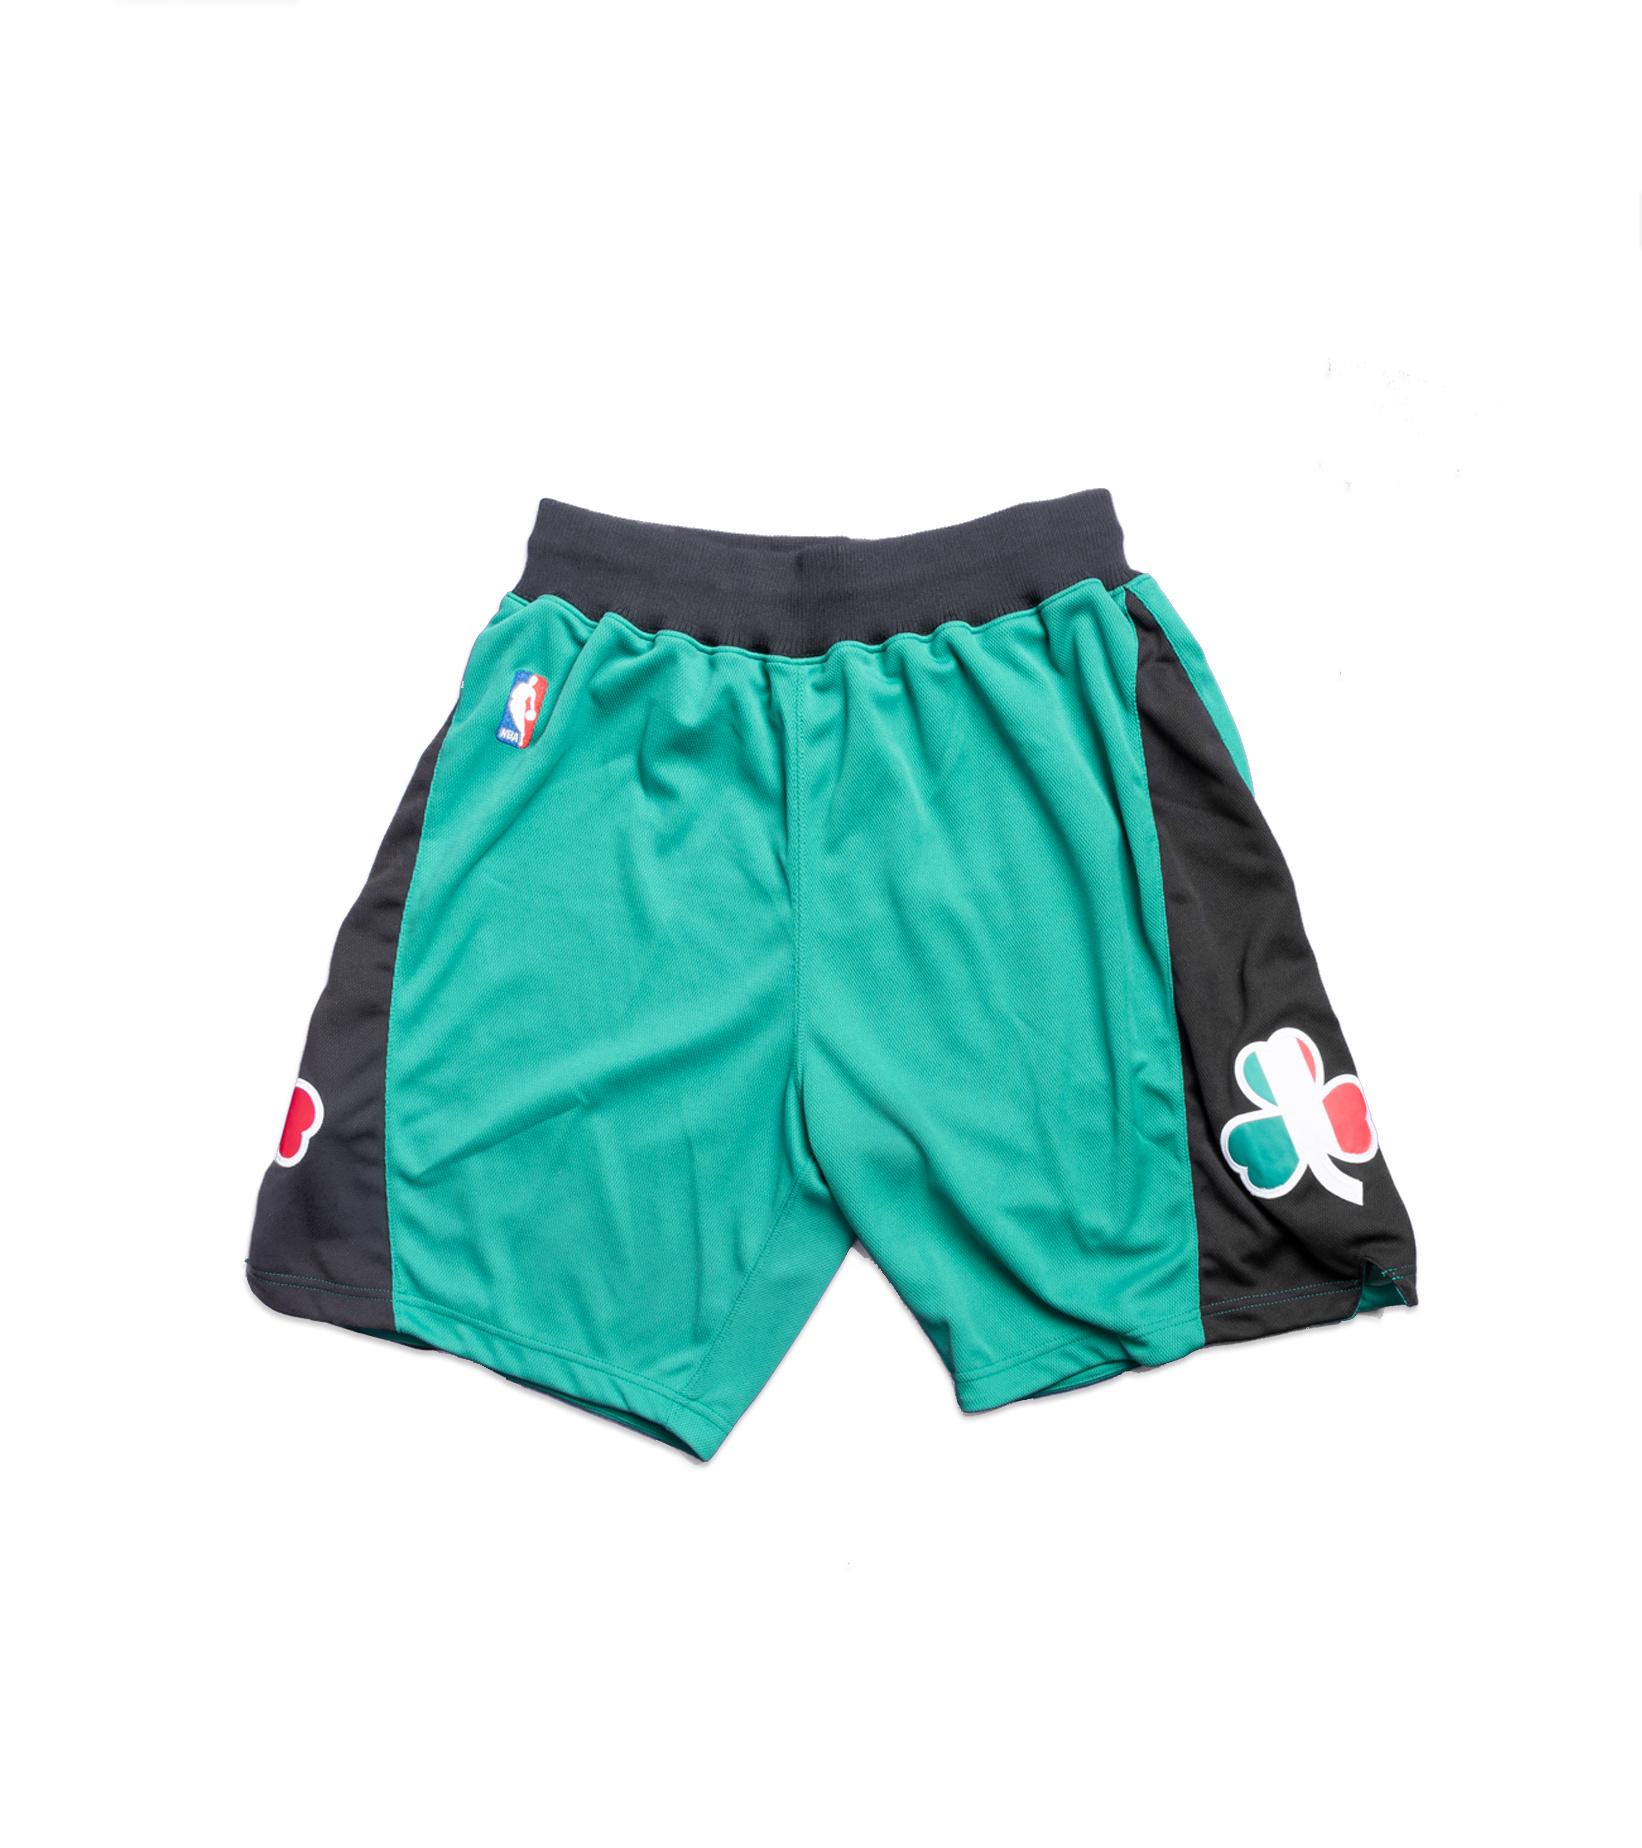 """Boston Celtics '07-'08 Authentic Italy Short """"Kelly Green""""-1"""